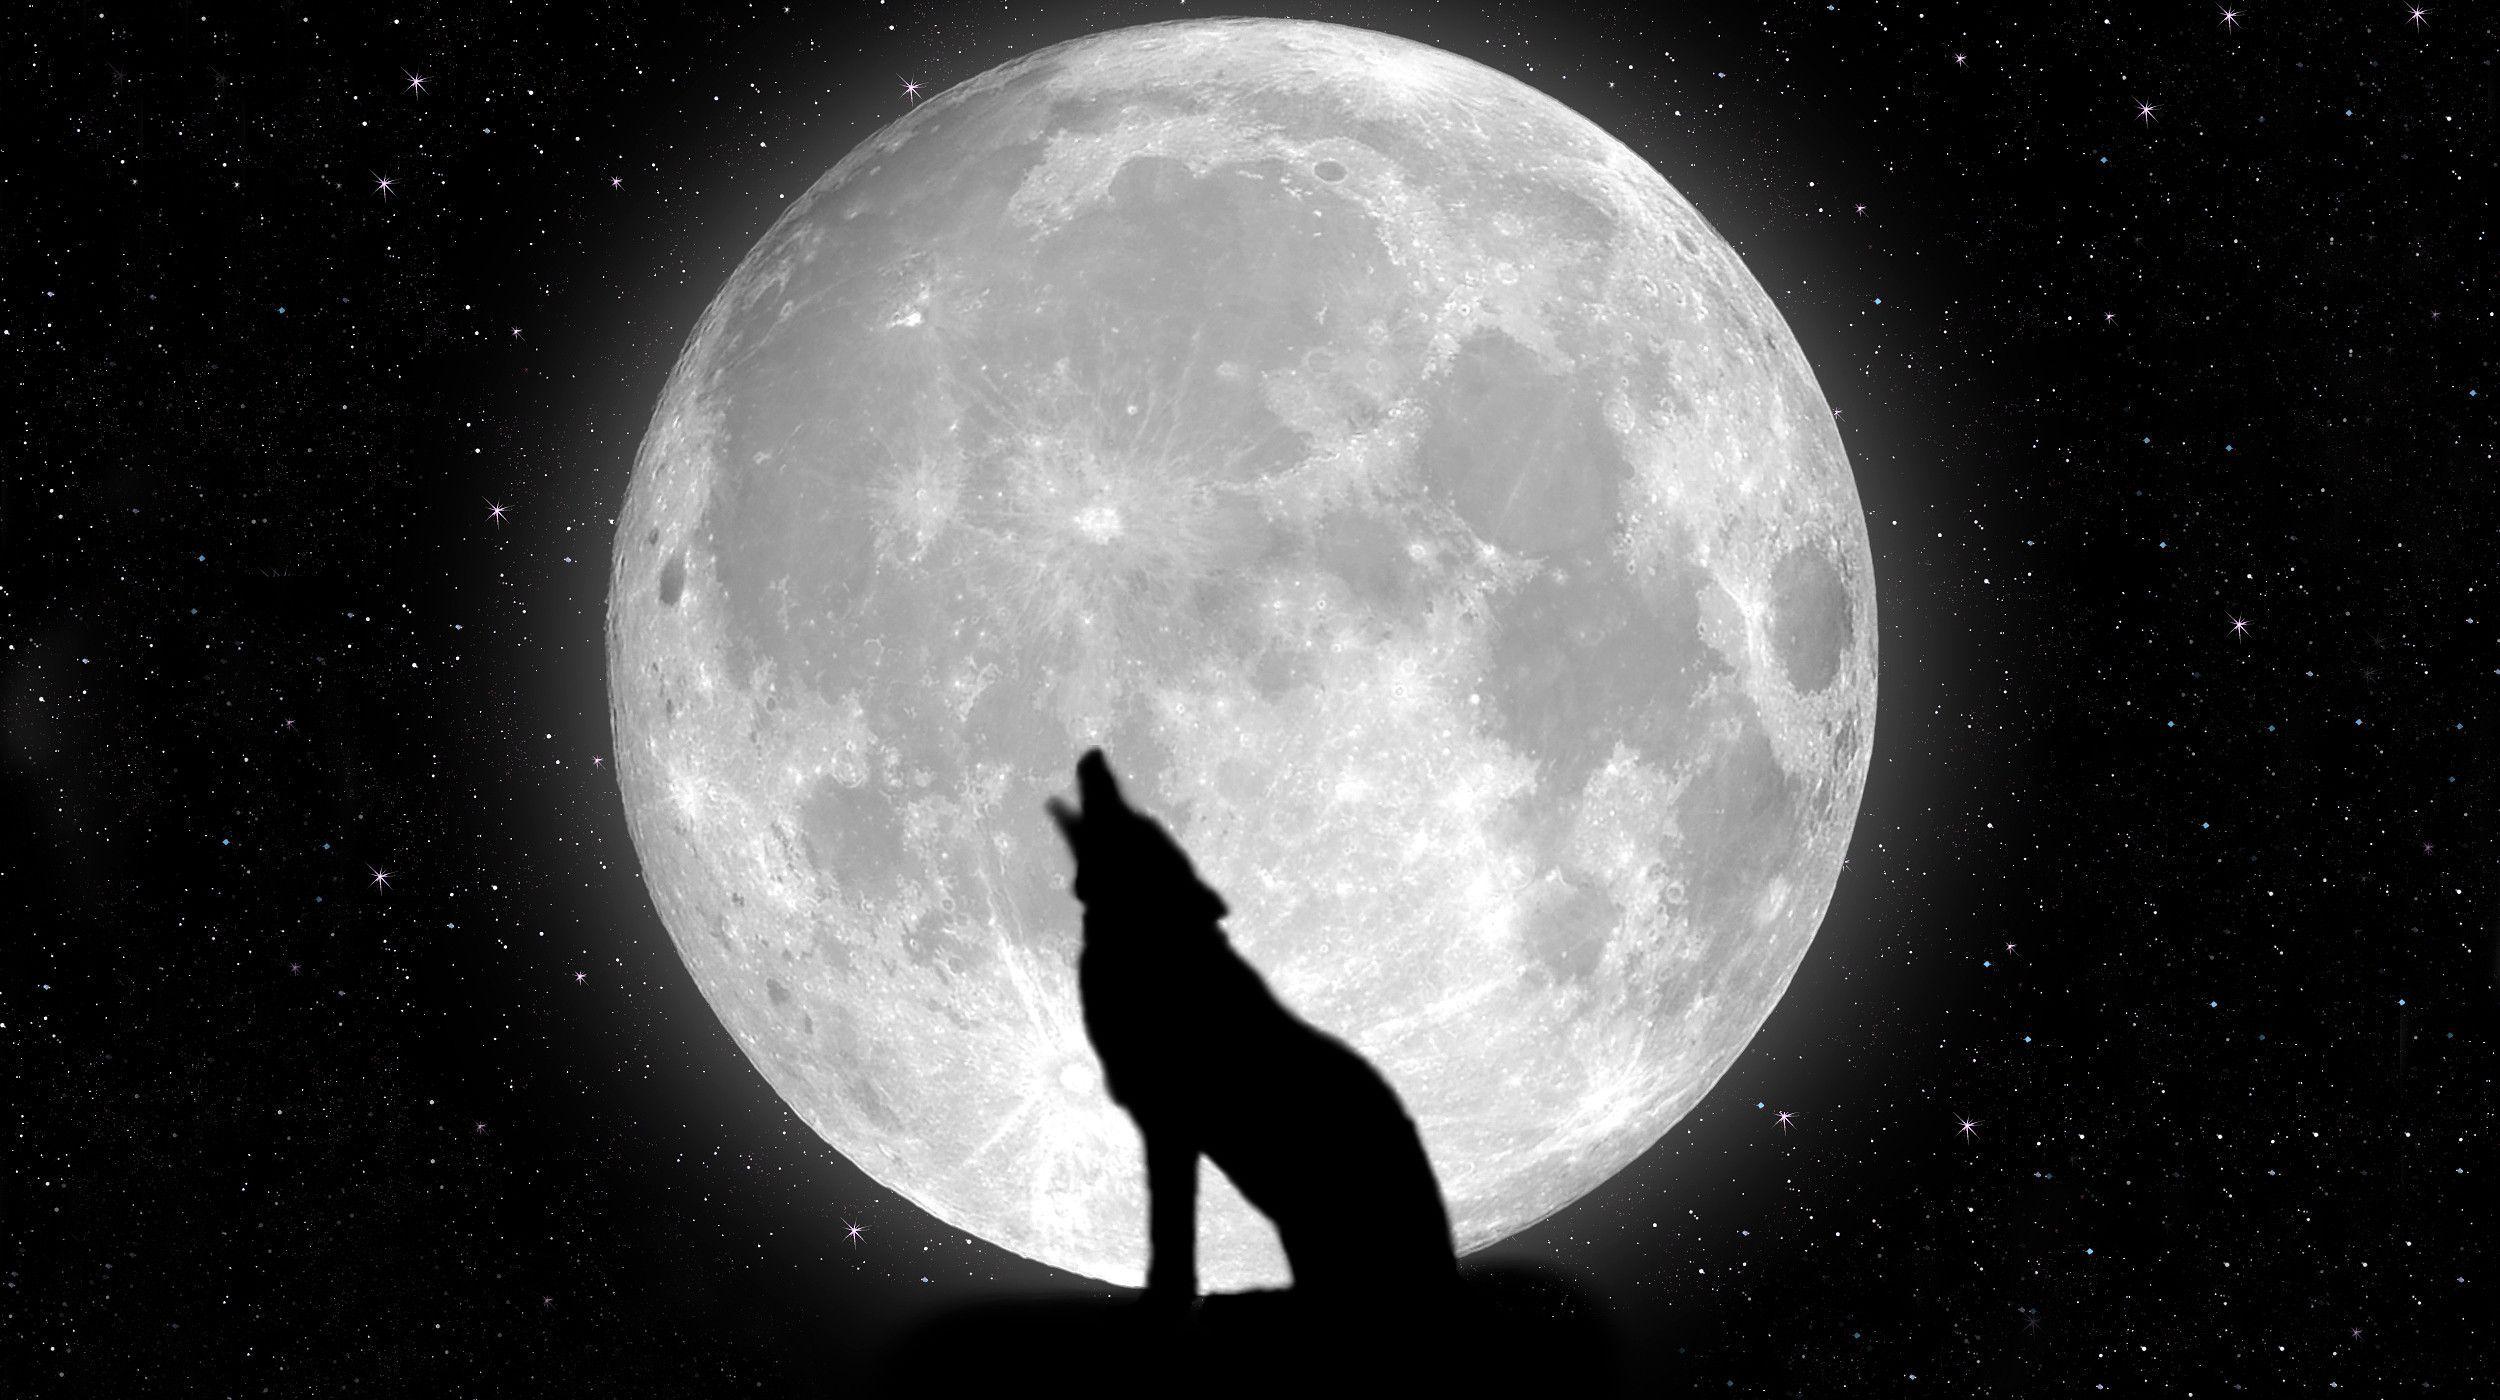 жёны собака воет на луну картинка брат хорошо известный